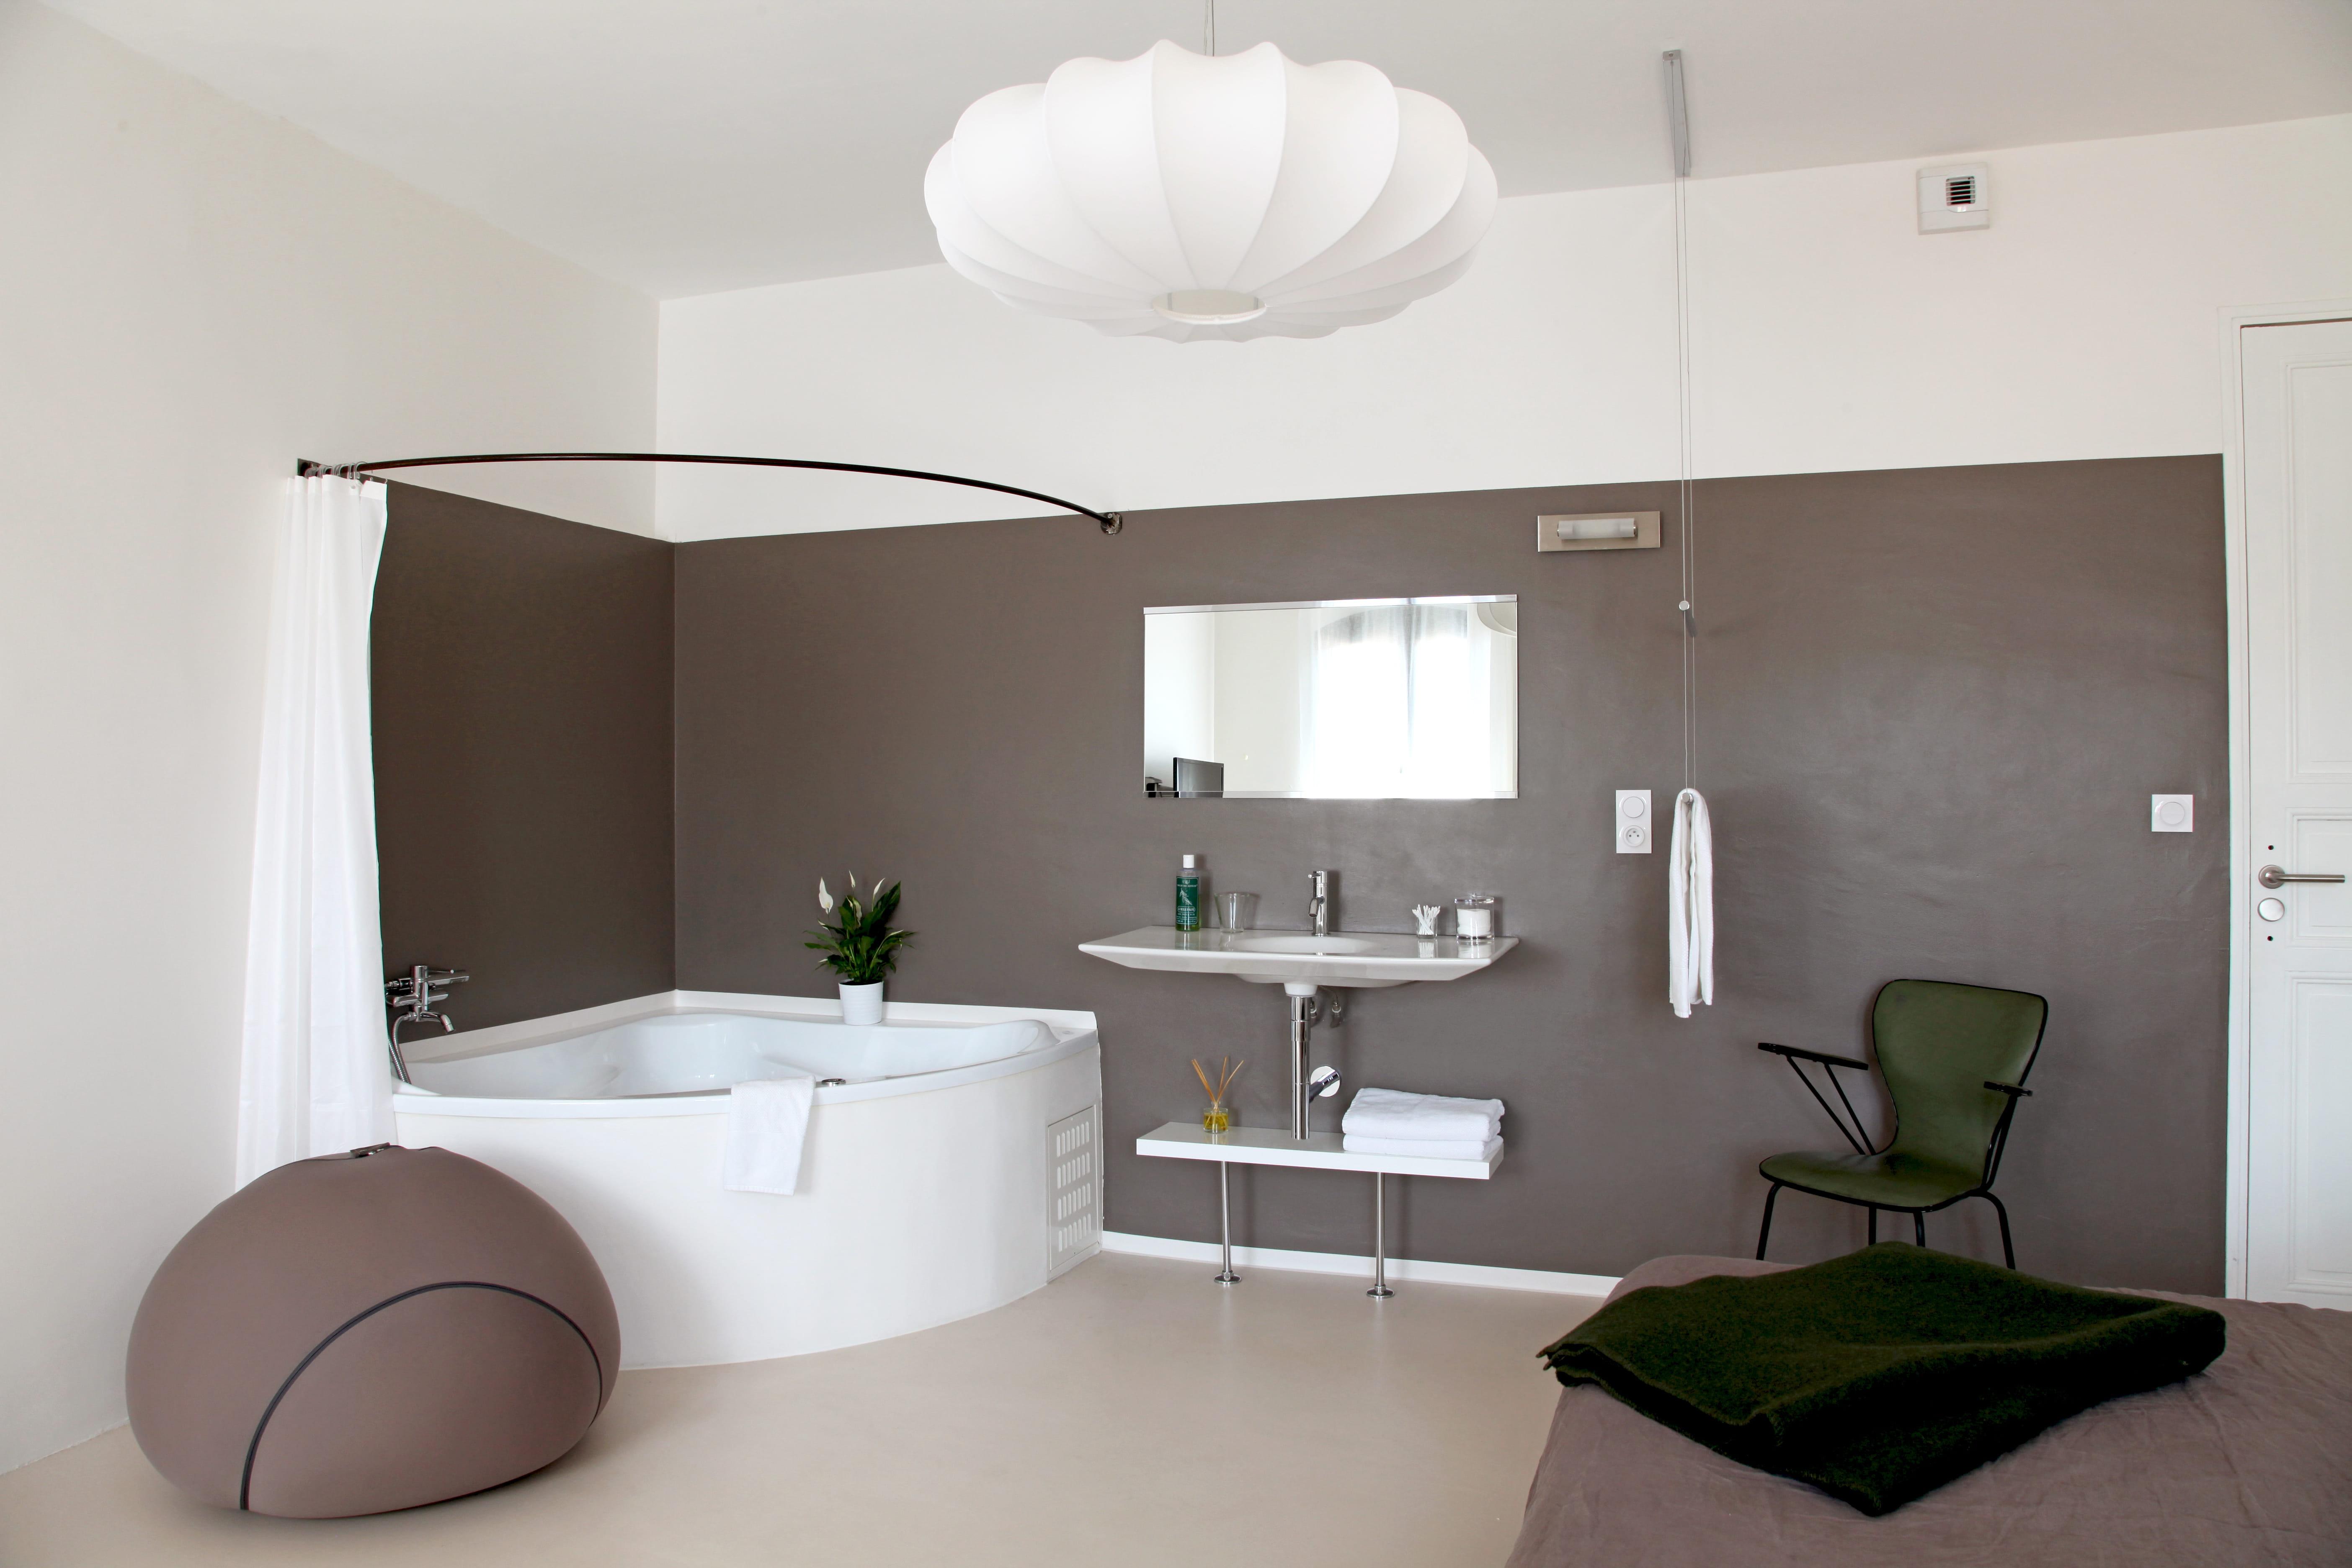 Quand la chambre et la salle de bains fusionnent : couleur taupe ...